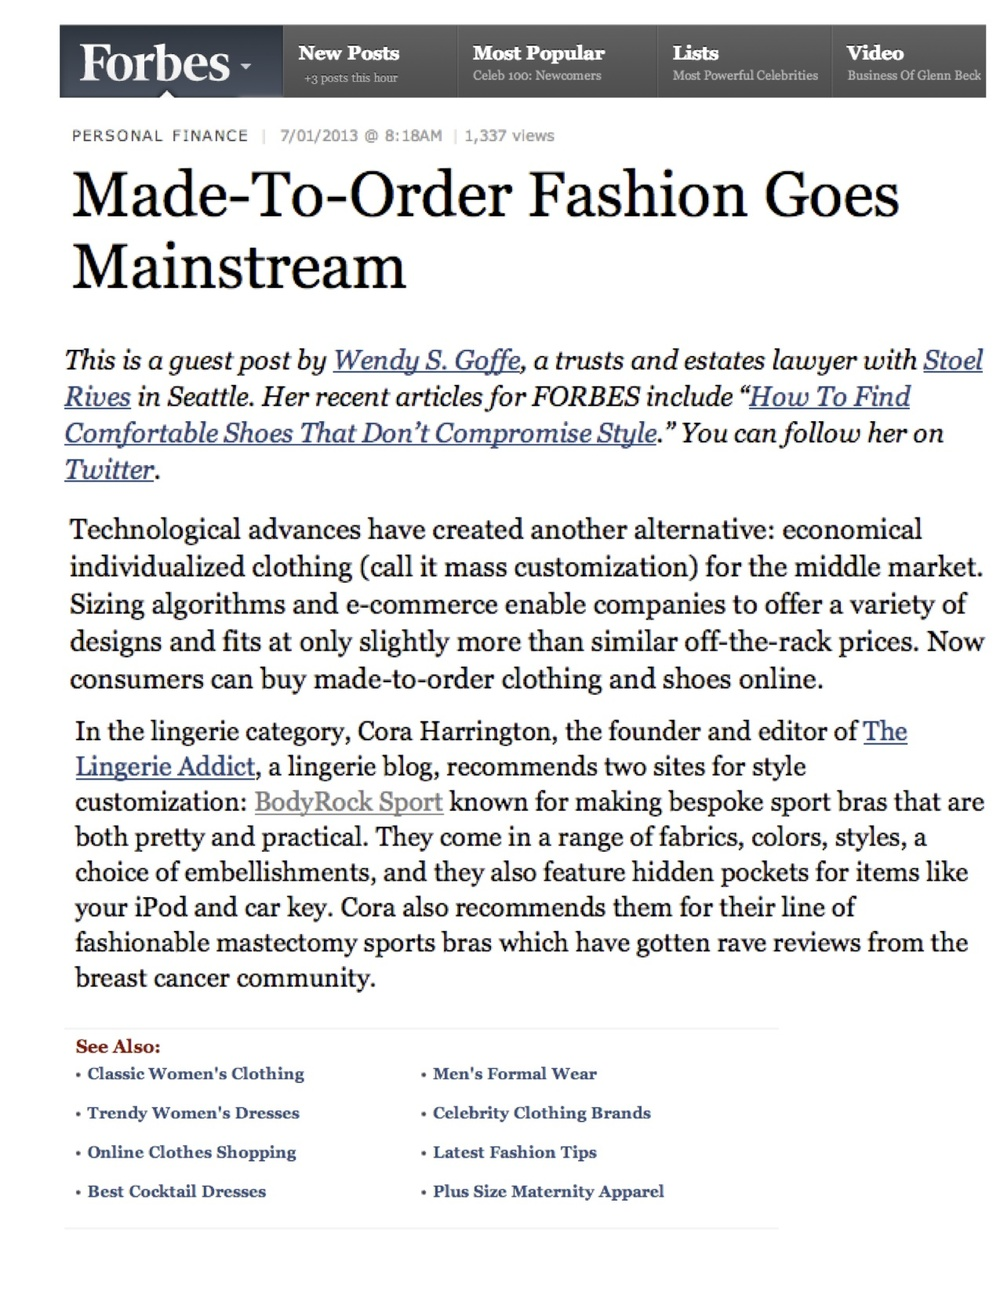 Forbes.com.jpg